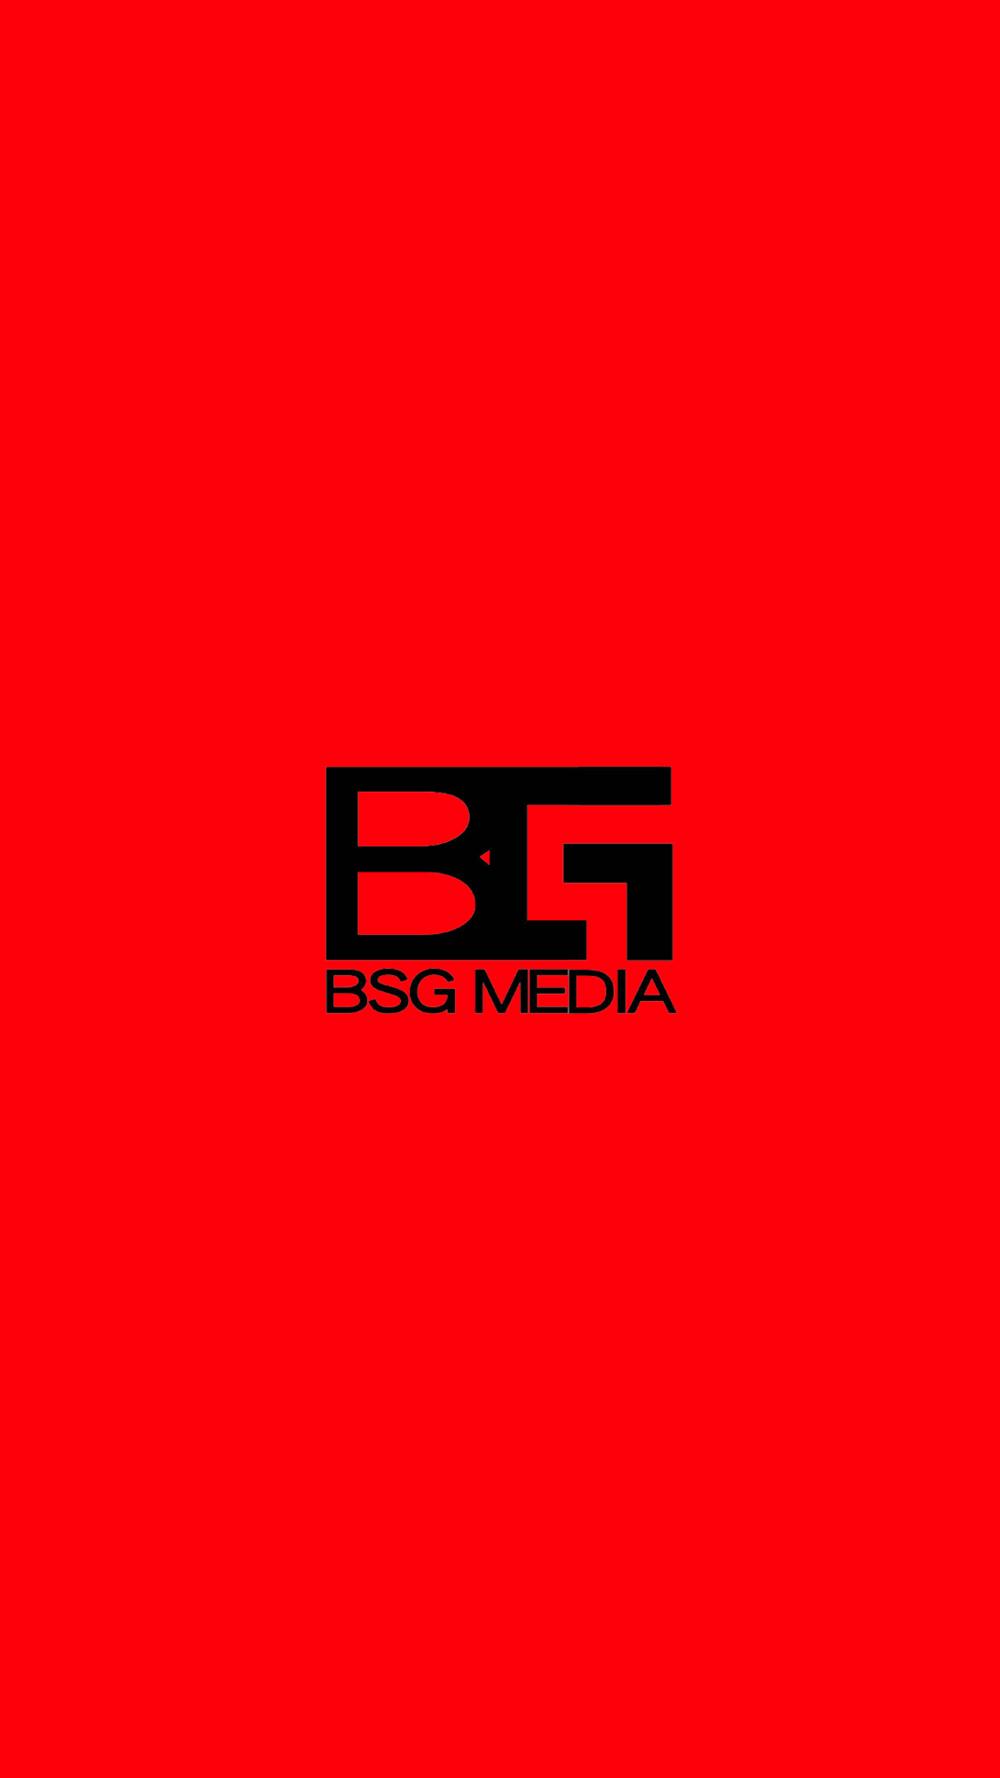 BSGm.png